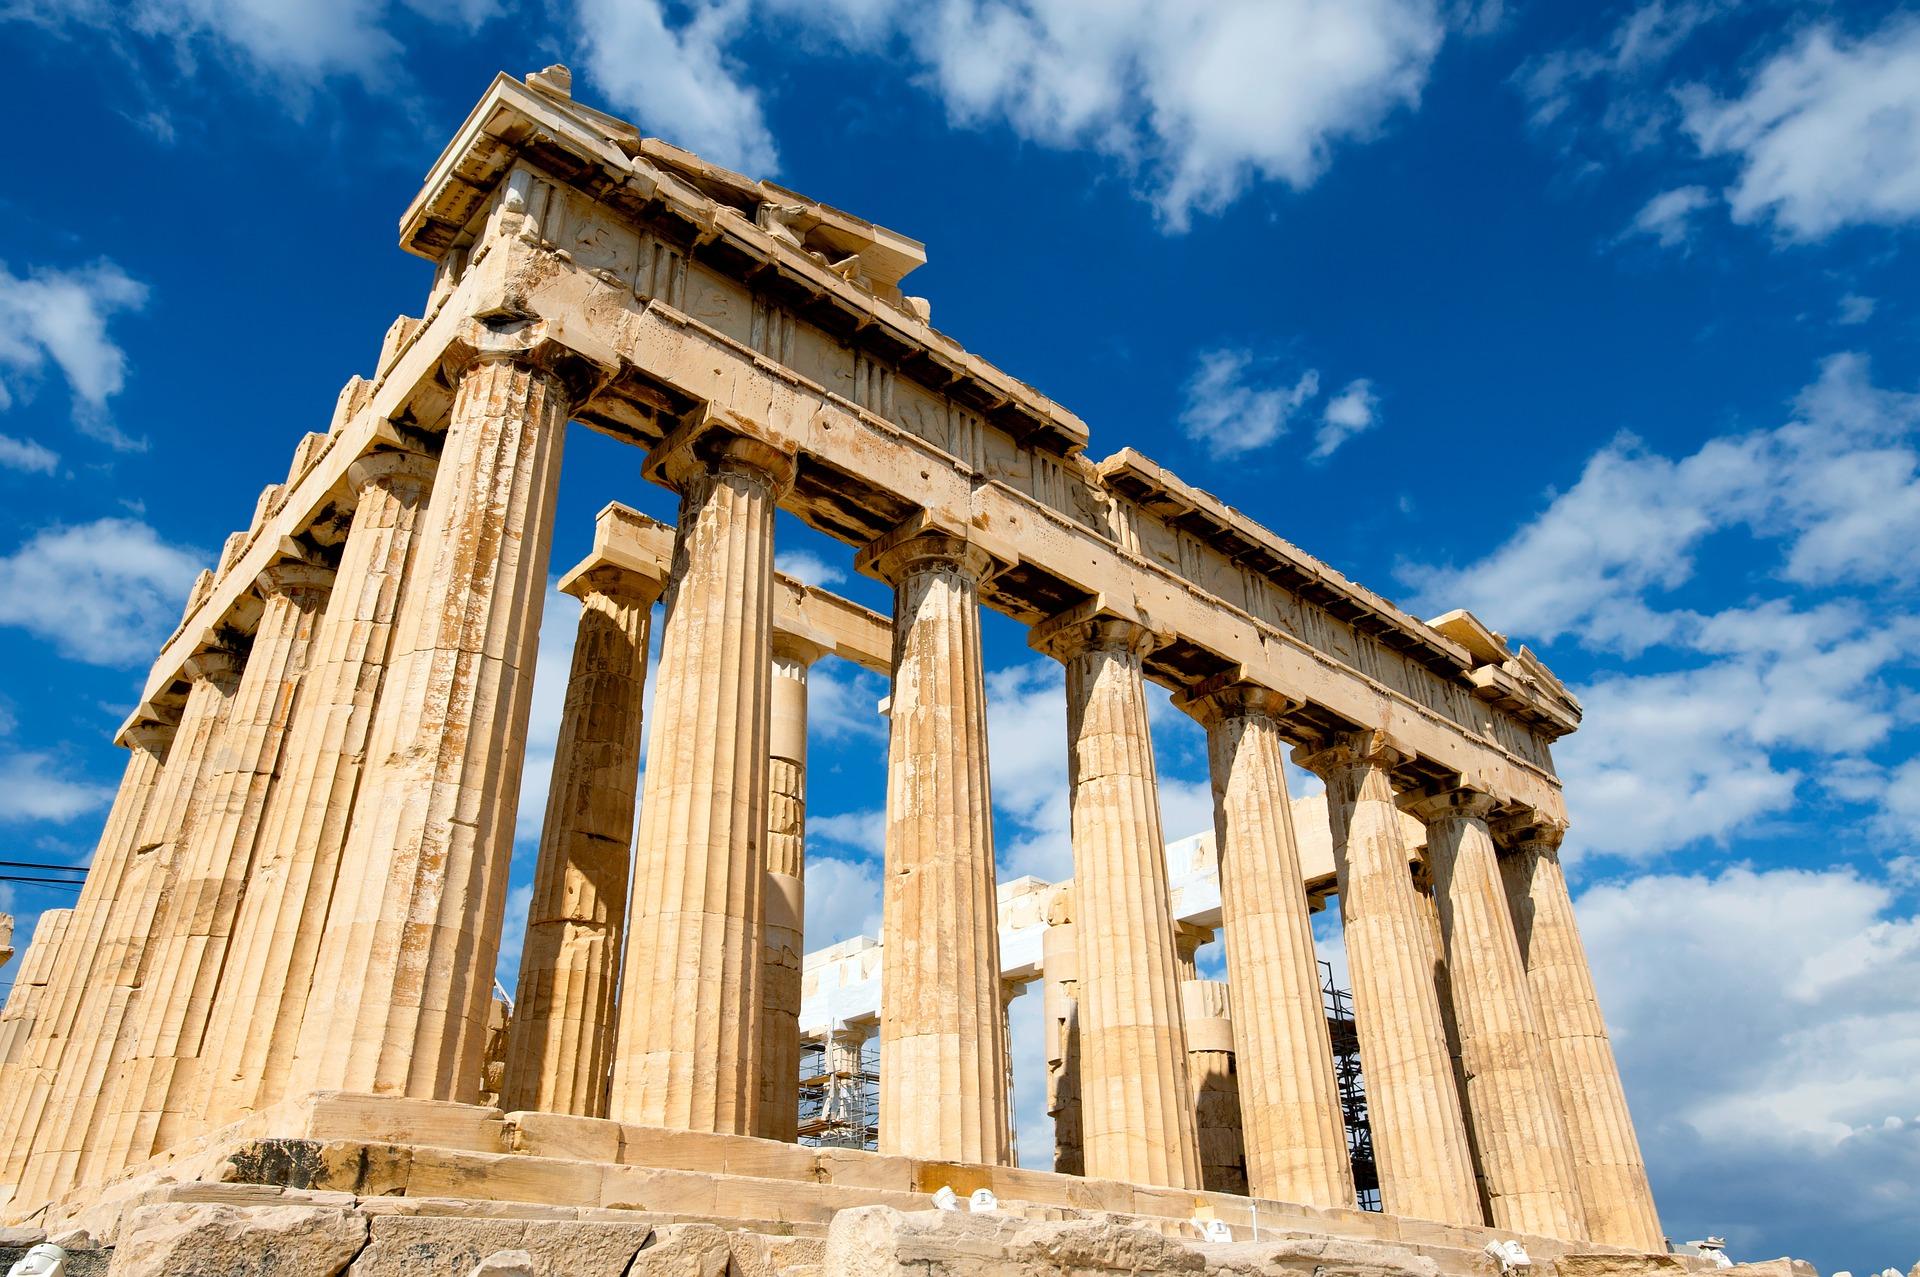 КЛУБ МАРКО ПОЛО: Греция-путешествие в Пелопоннес